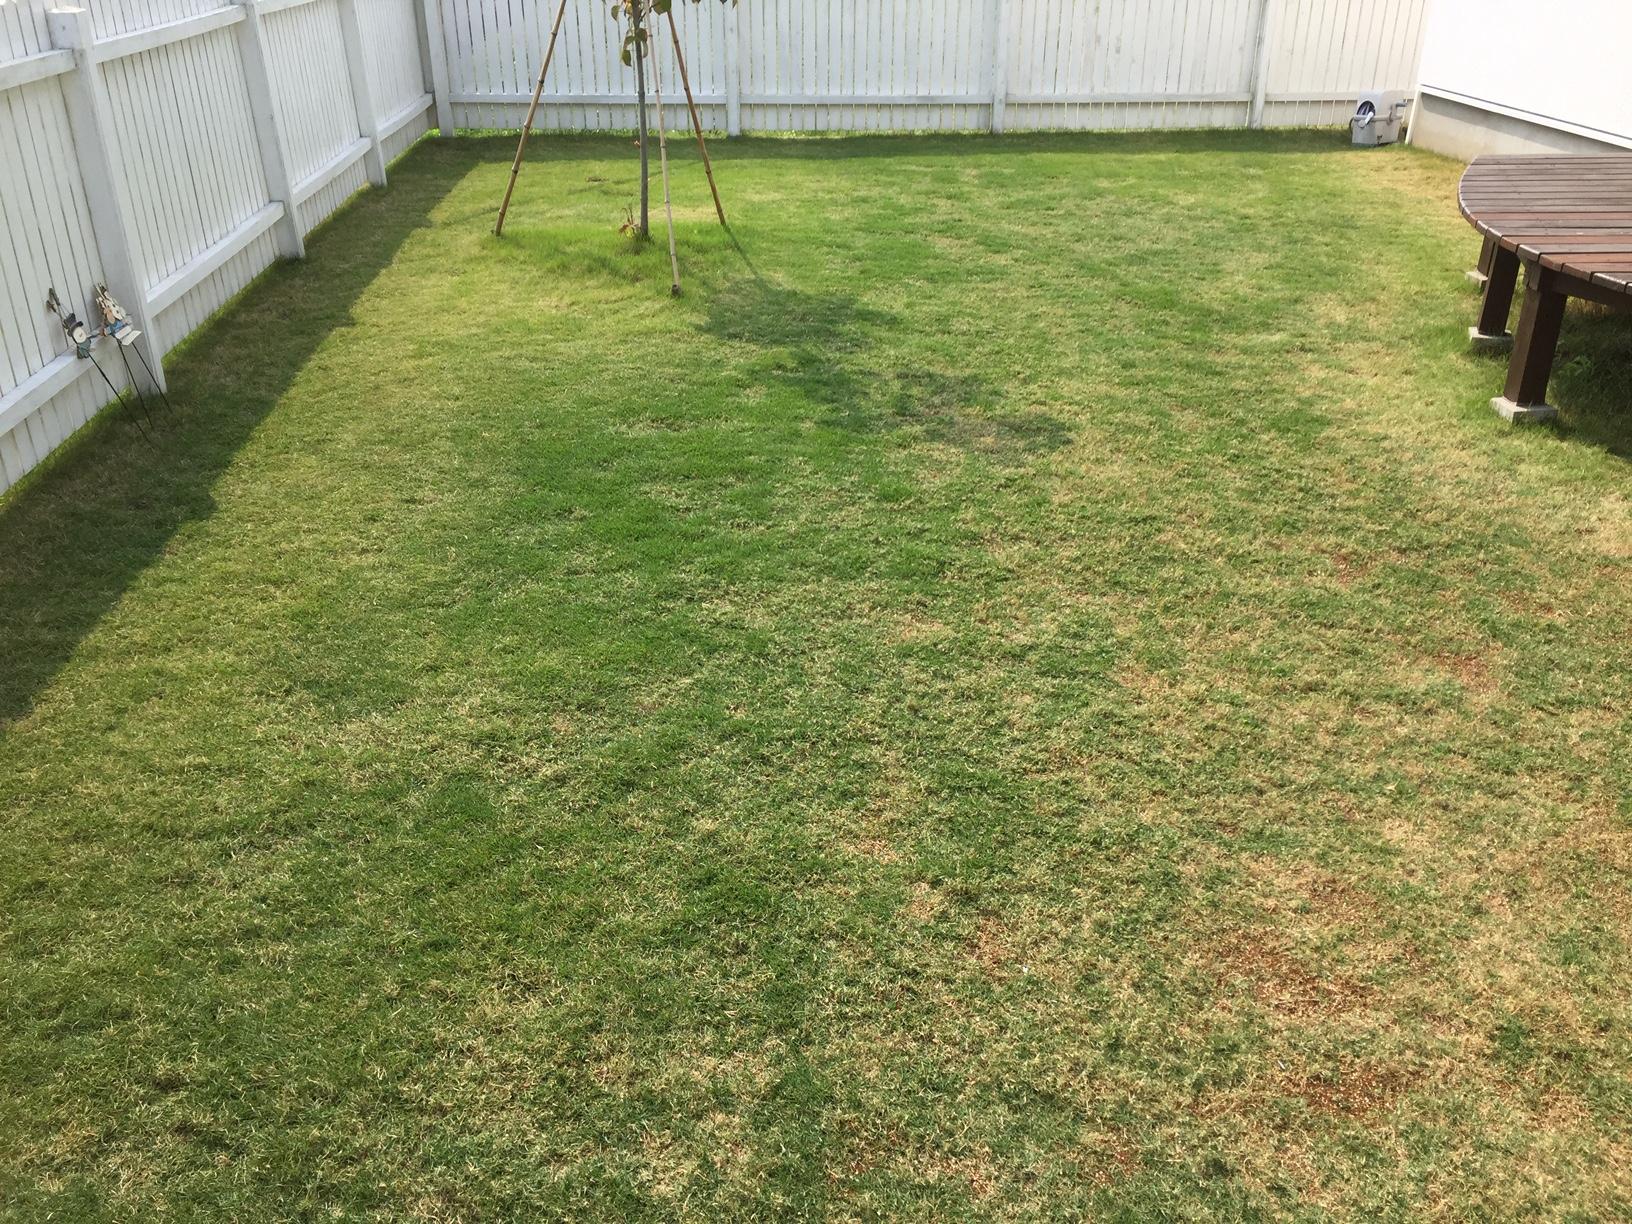 2020.05.27 芝生の状況(芝刈り他)